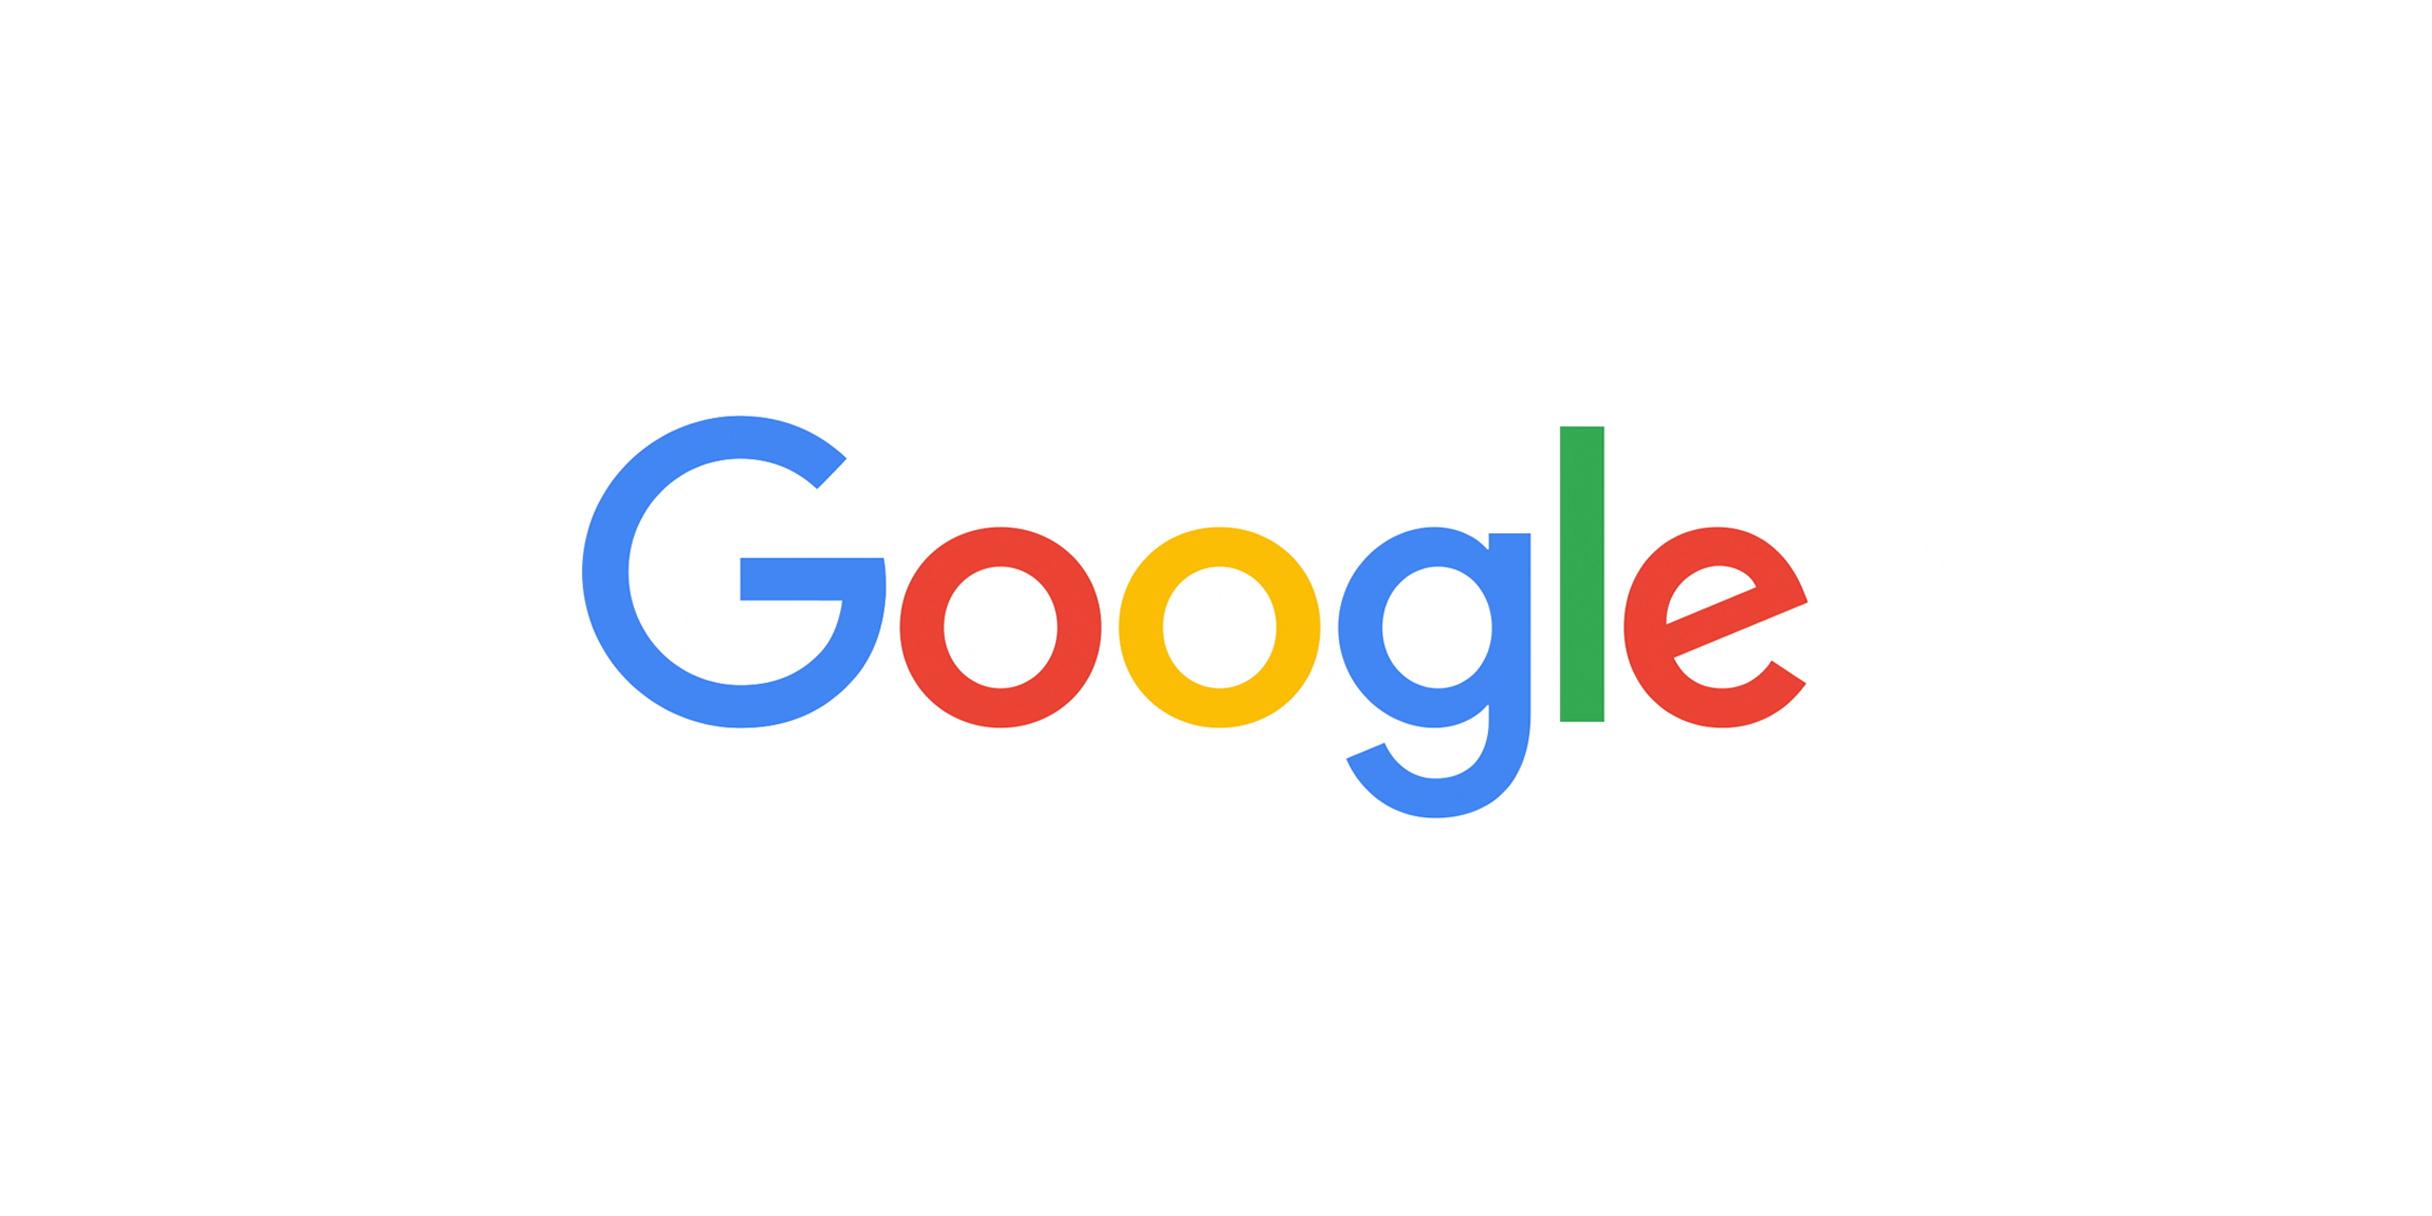 Google कार्यस्थान उपकरण अब Google खाते वाले सभी उपयोगकर्ताओं के लिए उपलब्ध हैं